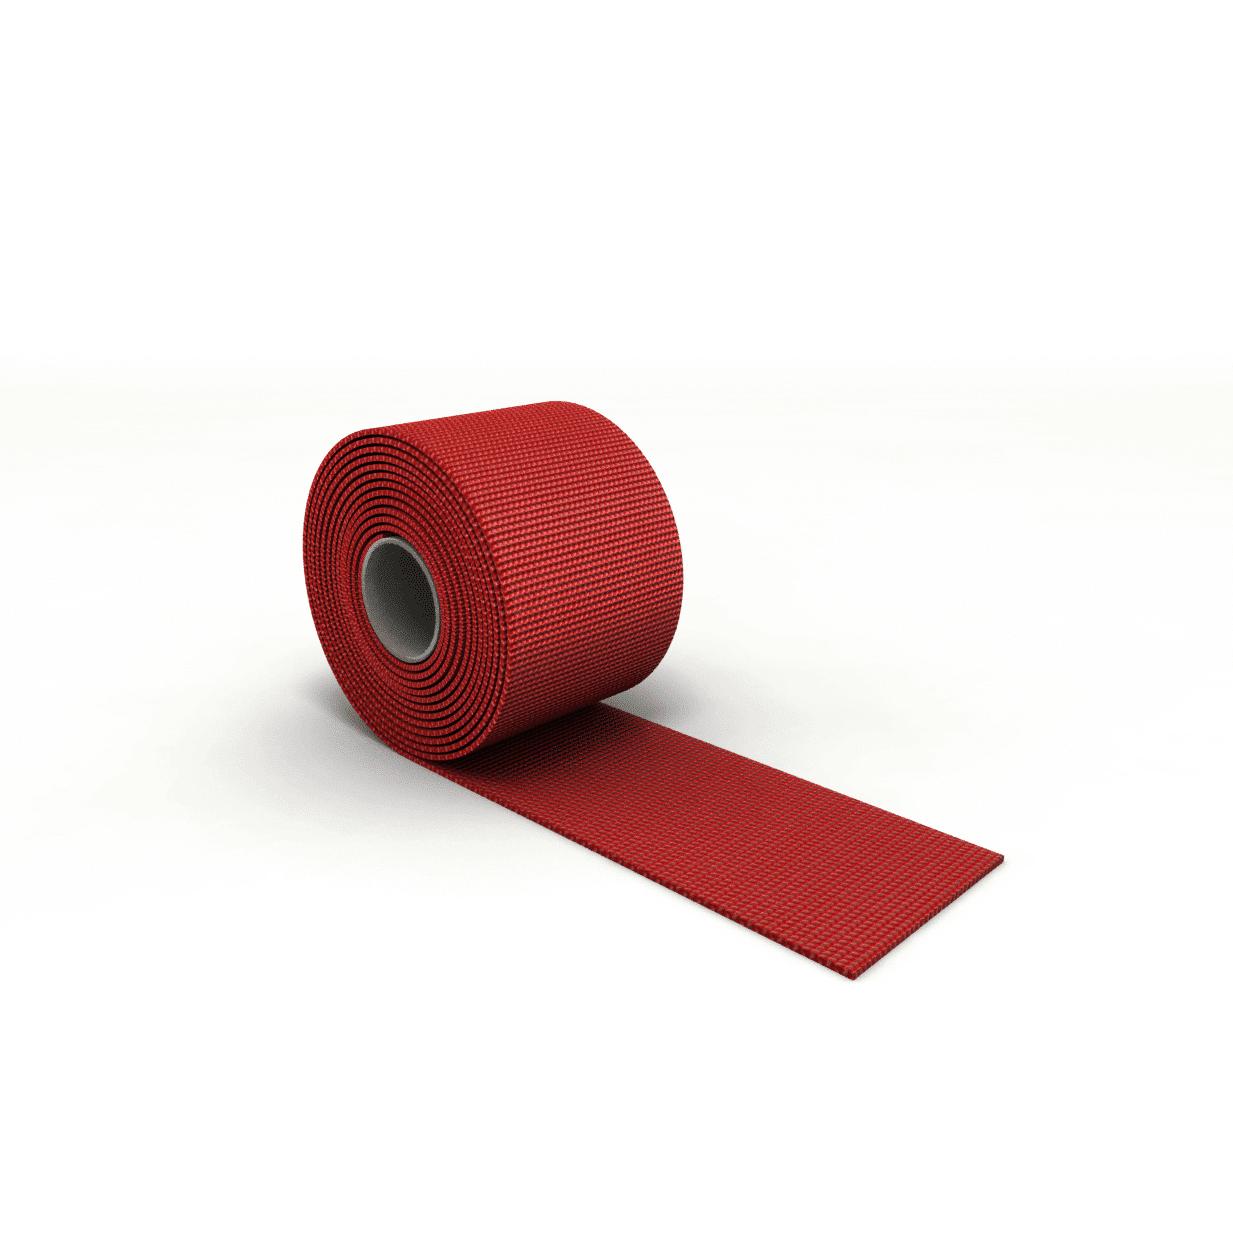 Gurtband für Rodelsitz rot